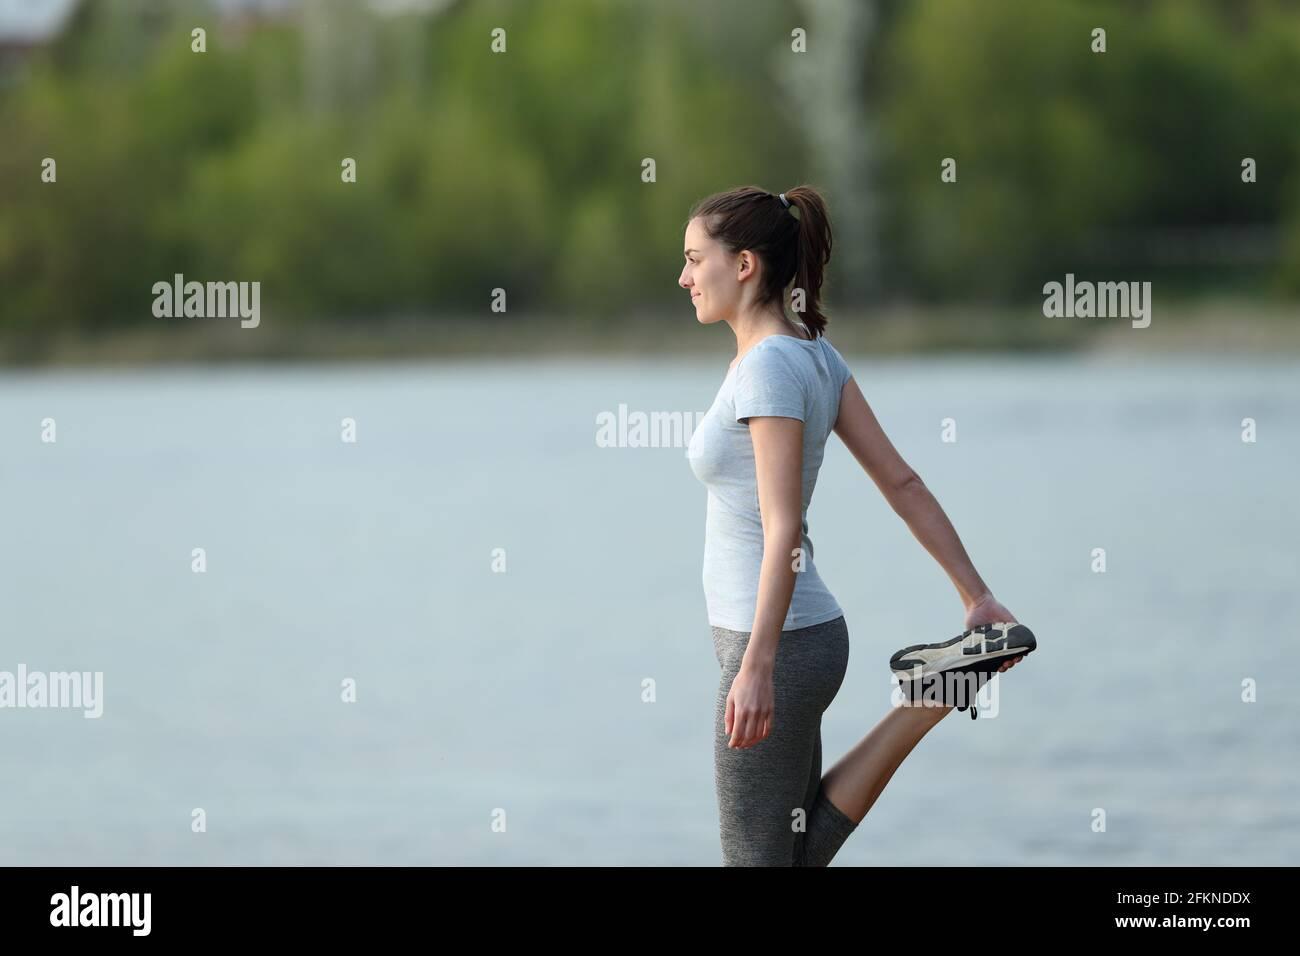 Vue latérale d'une sportswoman qui s'étire la jambe après le sport dans un lac Banque D'Images